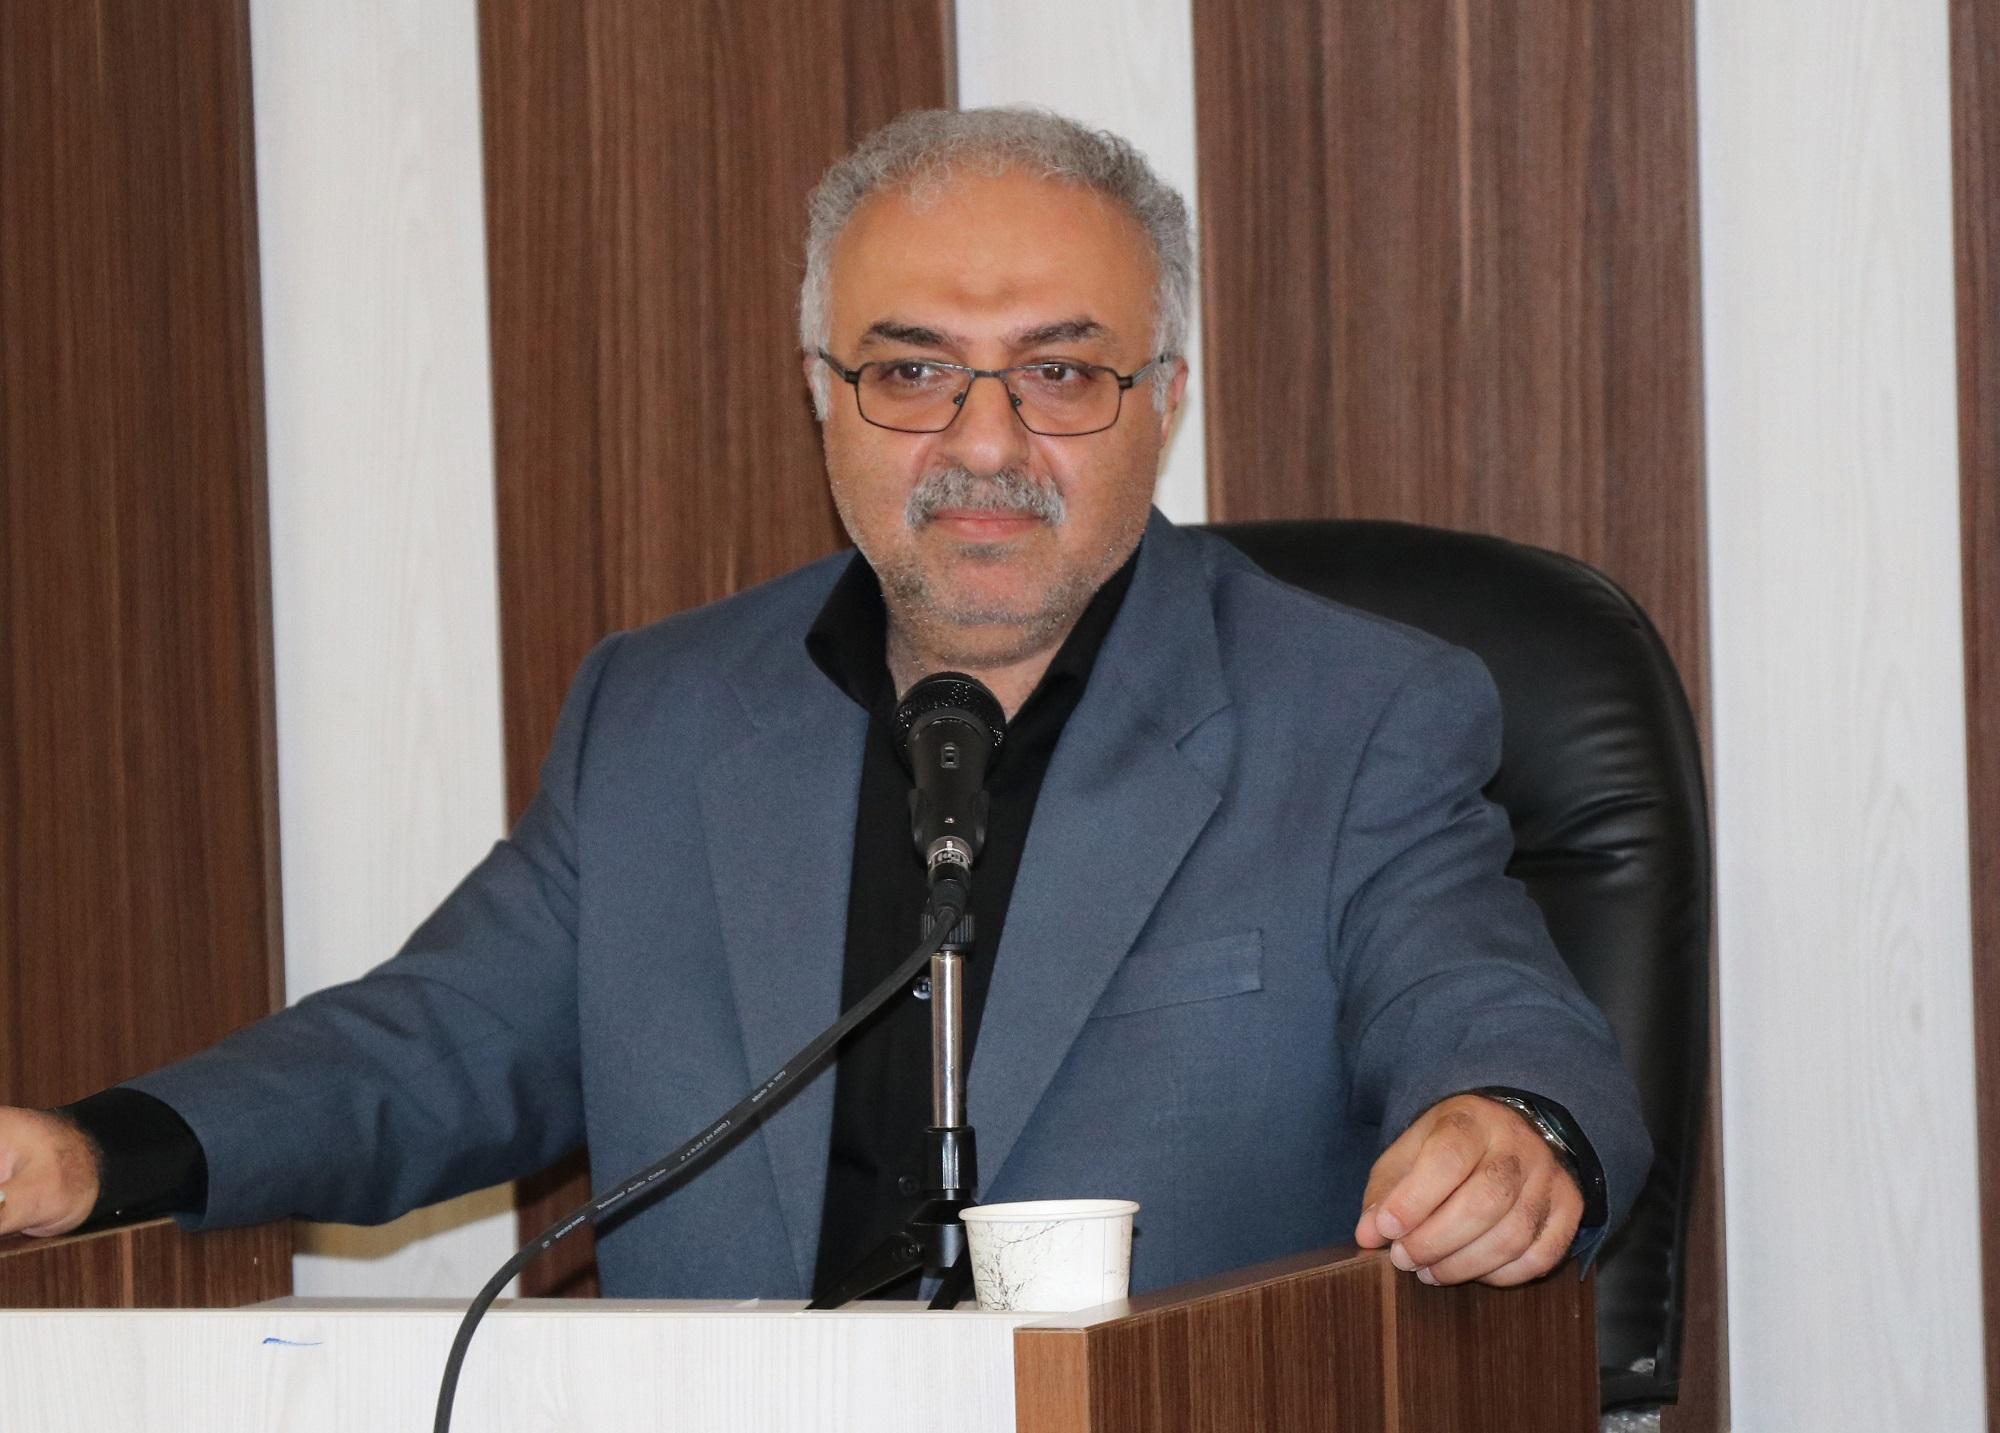 مدیرعامل شرکت گاز استان گیلان :در هفته دولت؛ شعله گاز در ۱۱ روستای رودبار برافروخته خواهد شد